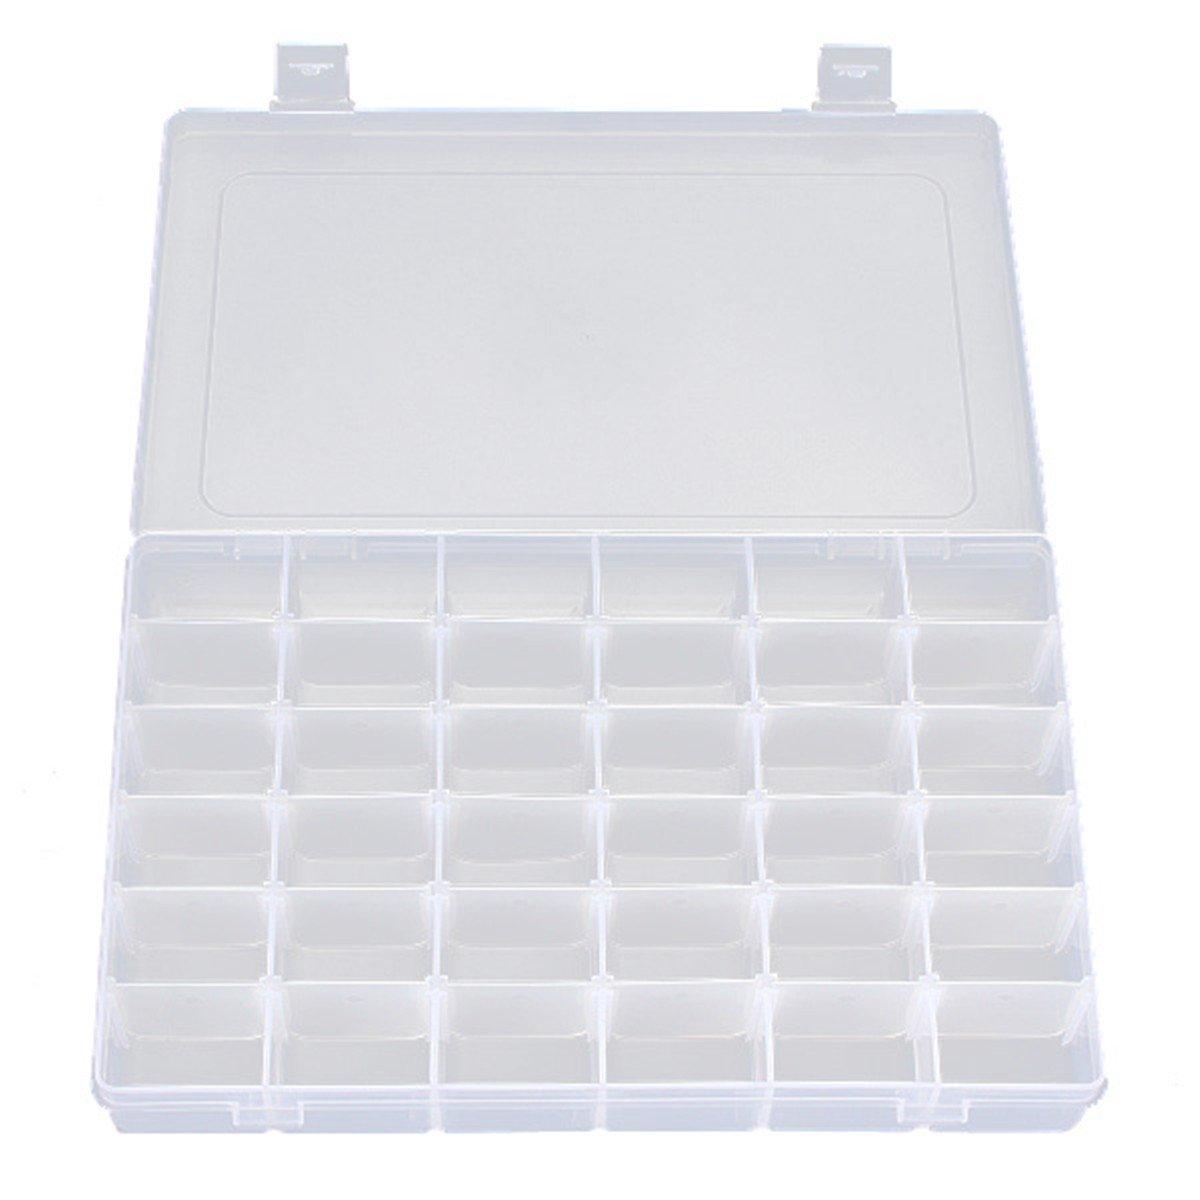 Boite Plastique Trendy Boite Plastique De Rangement Plastique Top